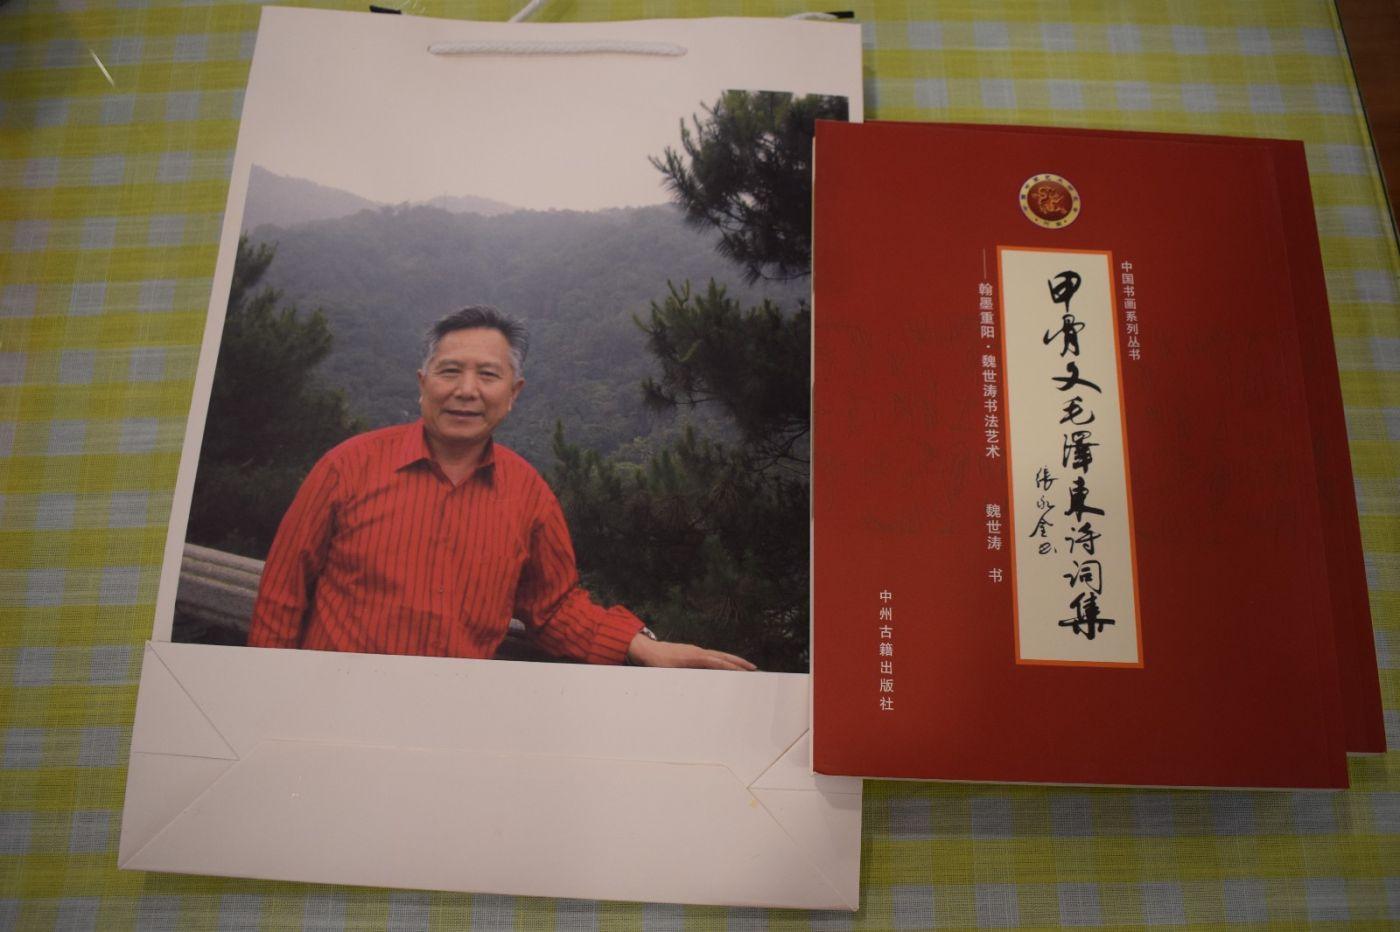 纪念毛泽东诞辰125周年《甲骨文毛泽东诗词集》  出版发布会在京举办 ... ... ..._图1-4